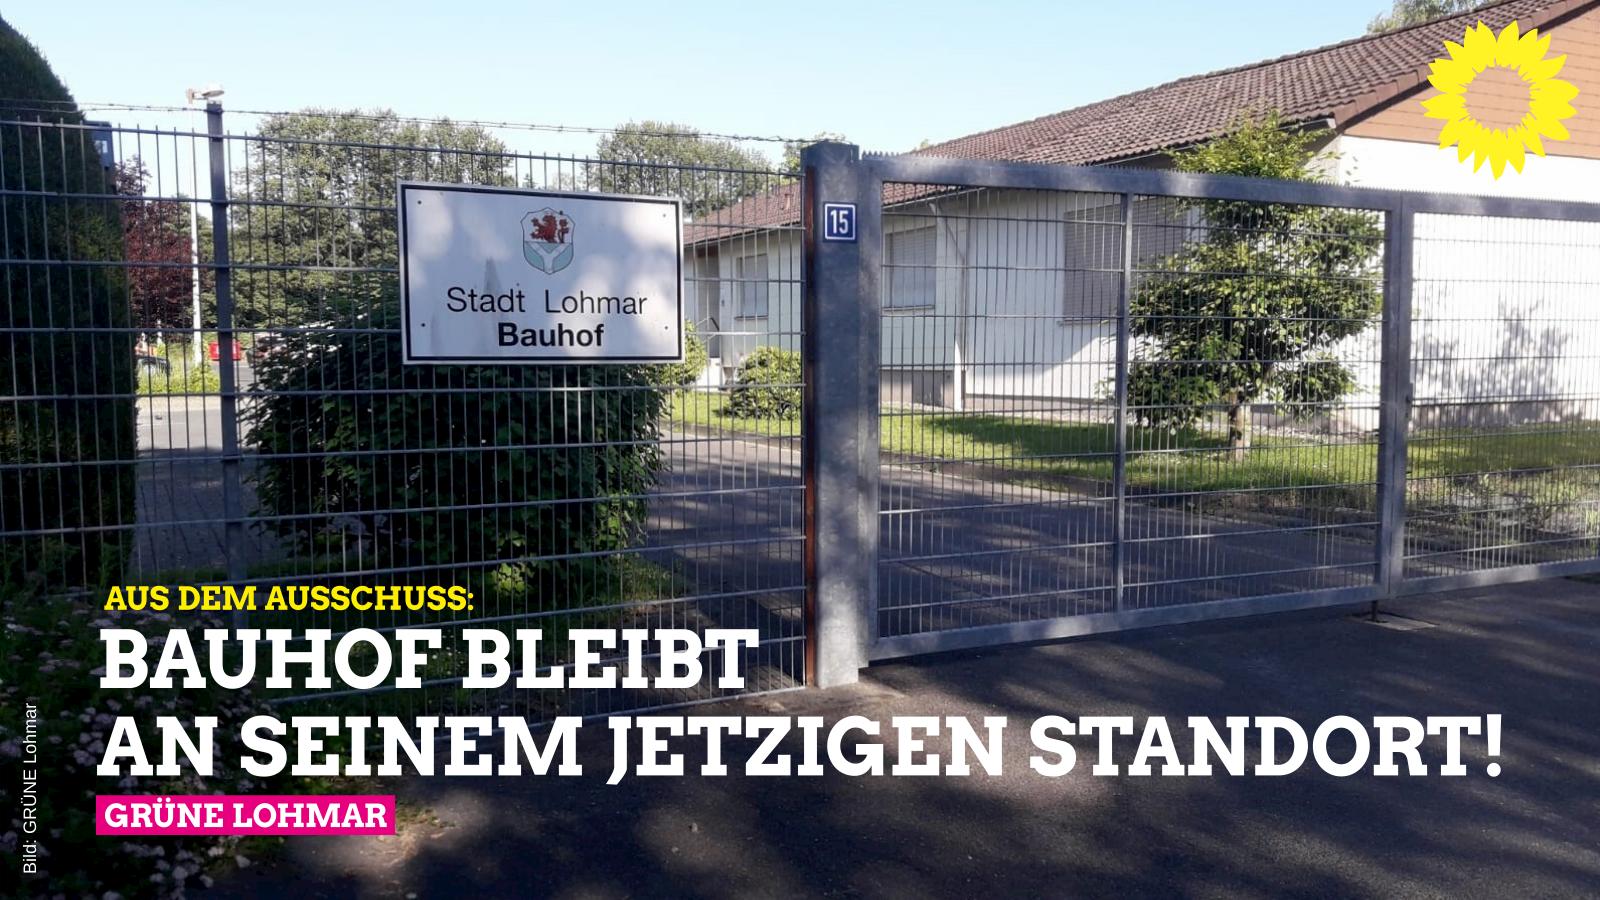 Bauhof bleibt an seinem jetzigen Standort!